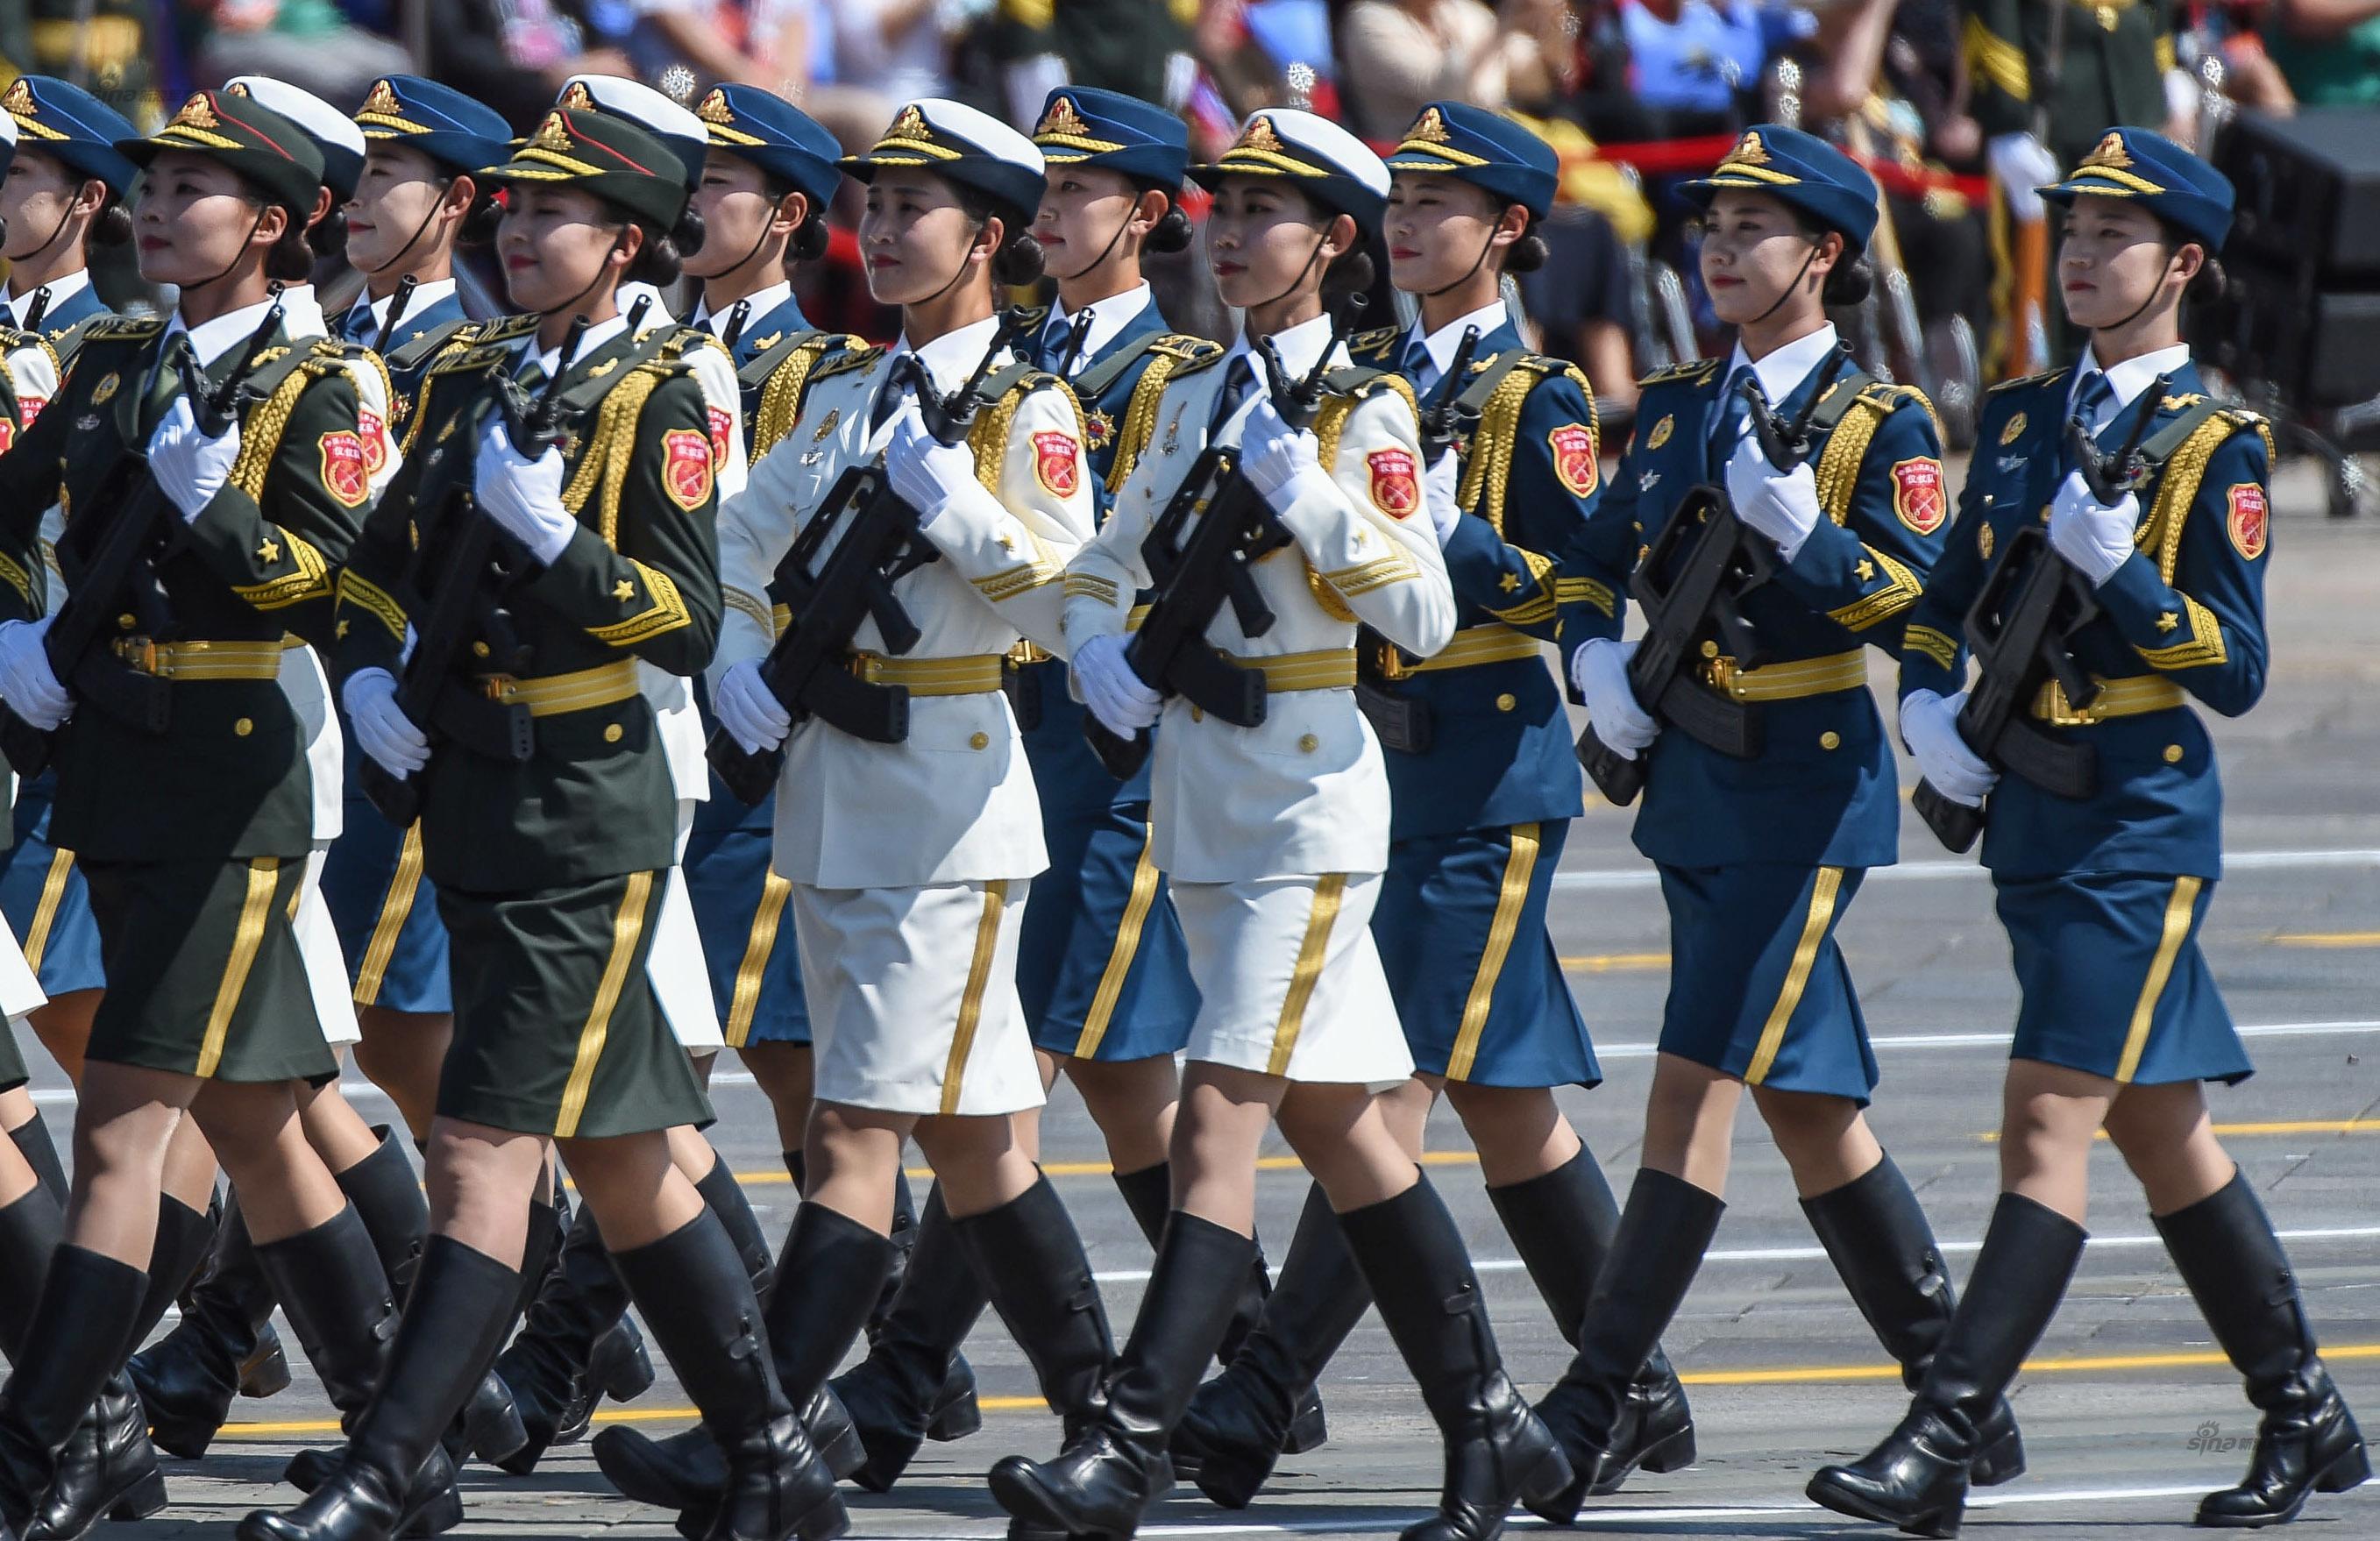 日本女兵方队_女兵_德国女兵_日本部队女兵内衣-久久图片视频